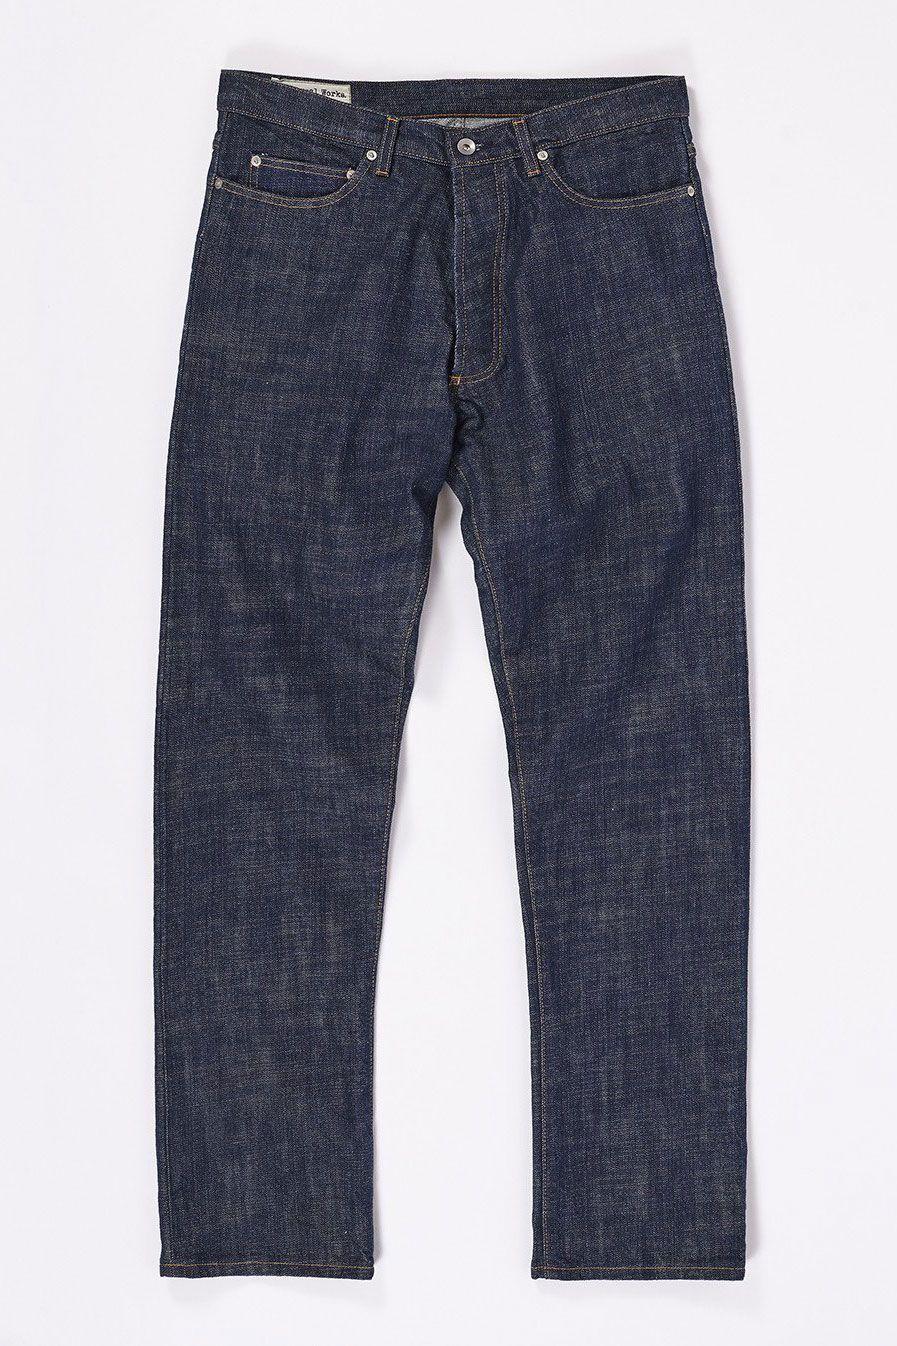 e02456ed164 Universal Works Workshop Denim Regular Fit Jeans